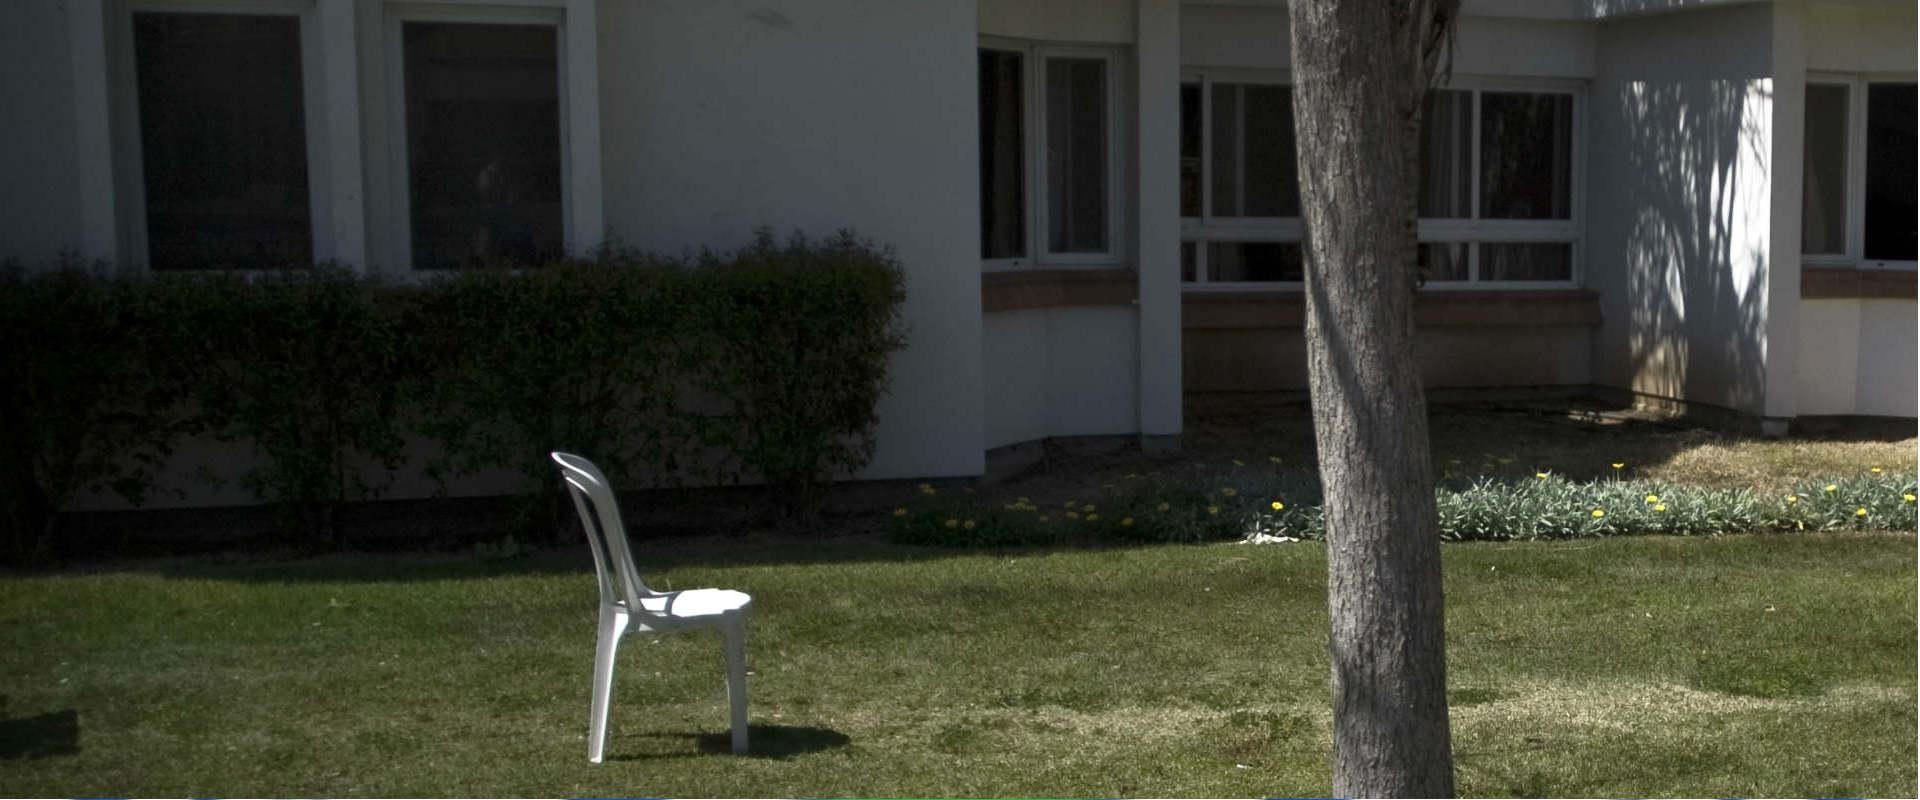 בחצר בית החולים הפסיכיאטרי שער מנשה